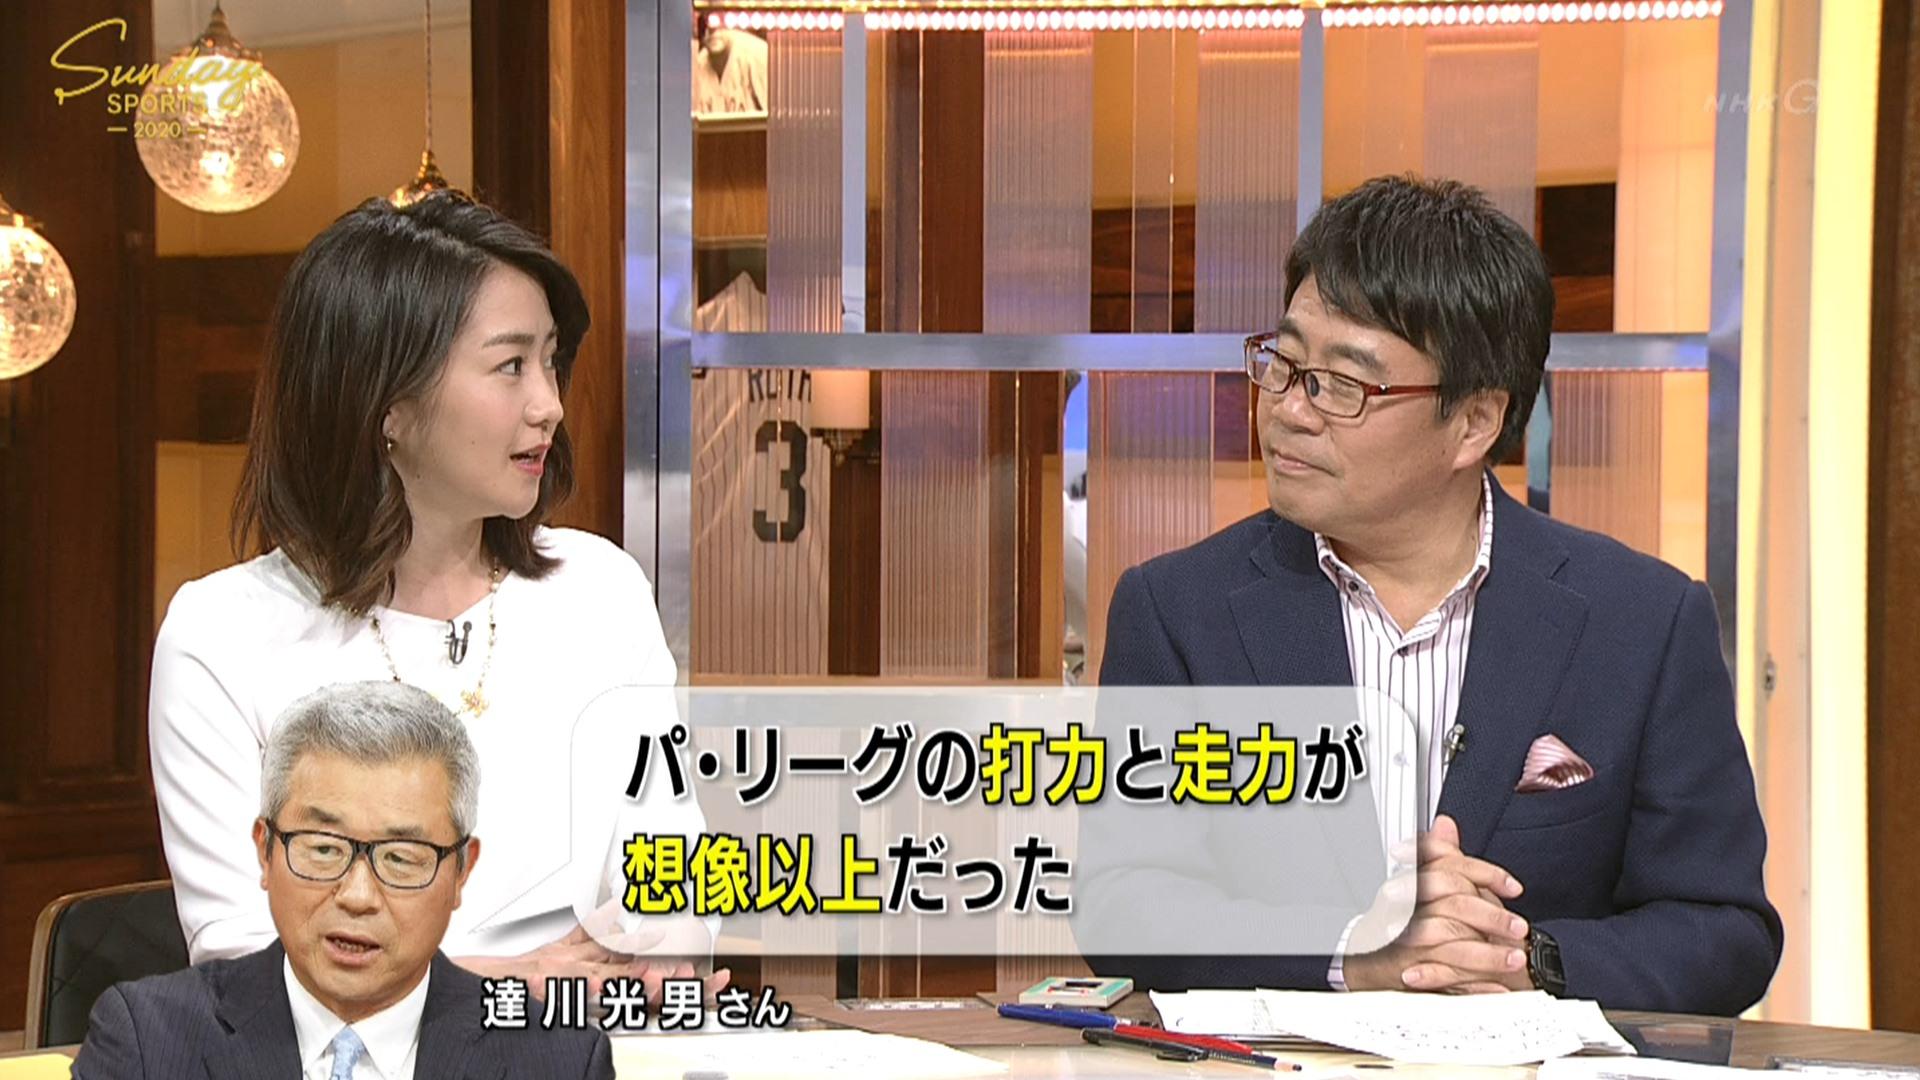 達川光男さん「交流戦は間違いなくセリーグが勝つ!広島が優勝する!」 → セリーグ負け越しで広島は最下位